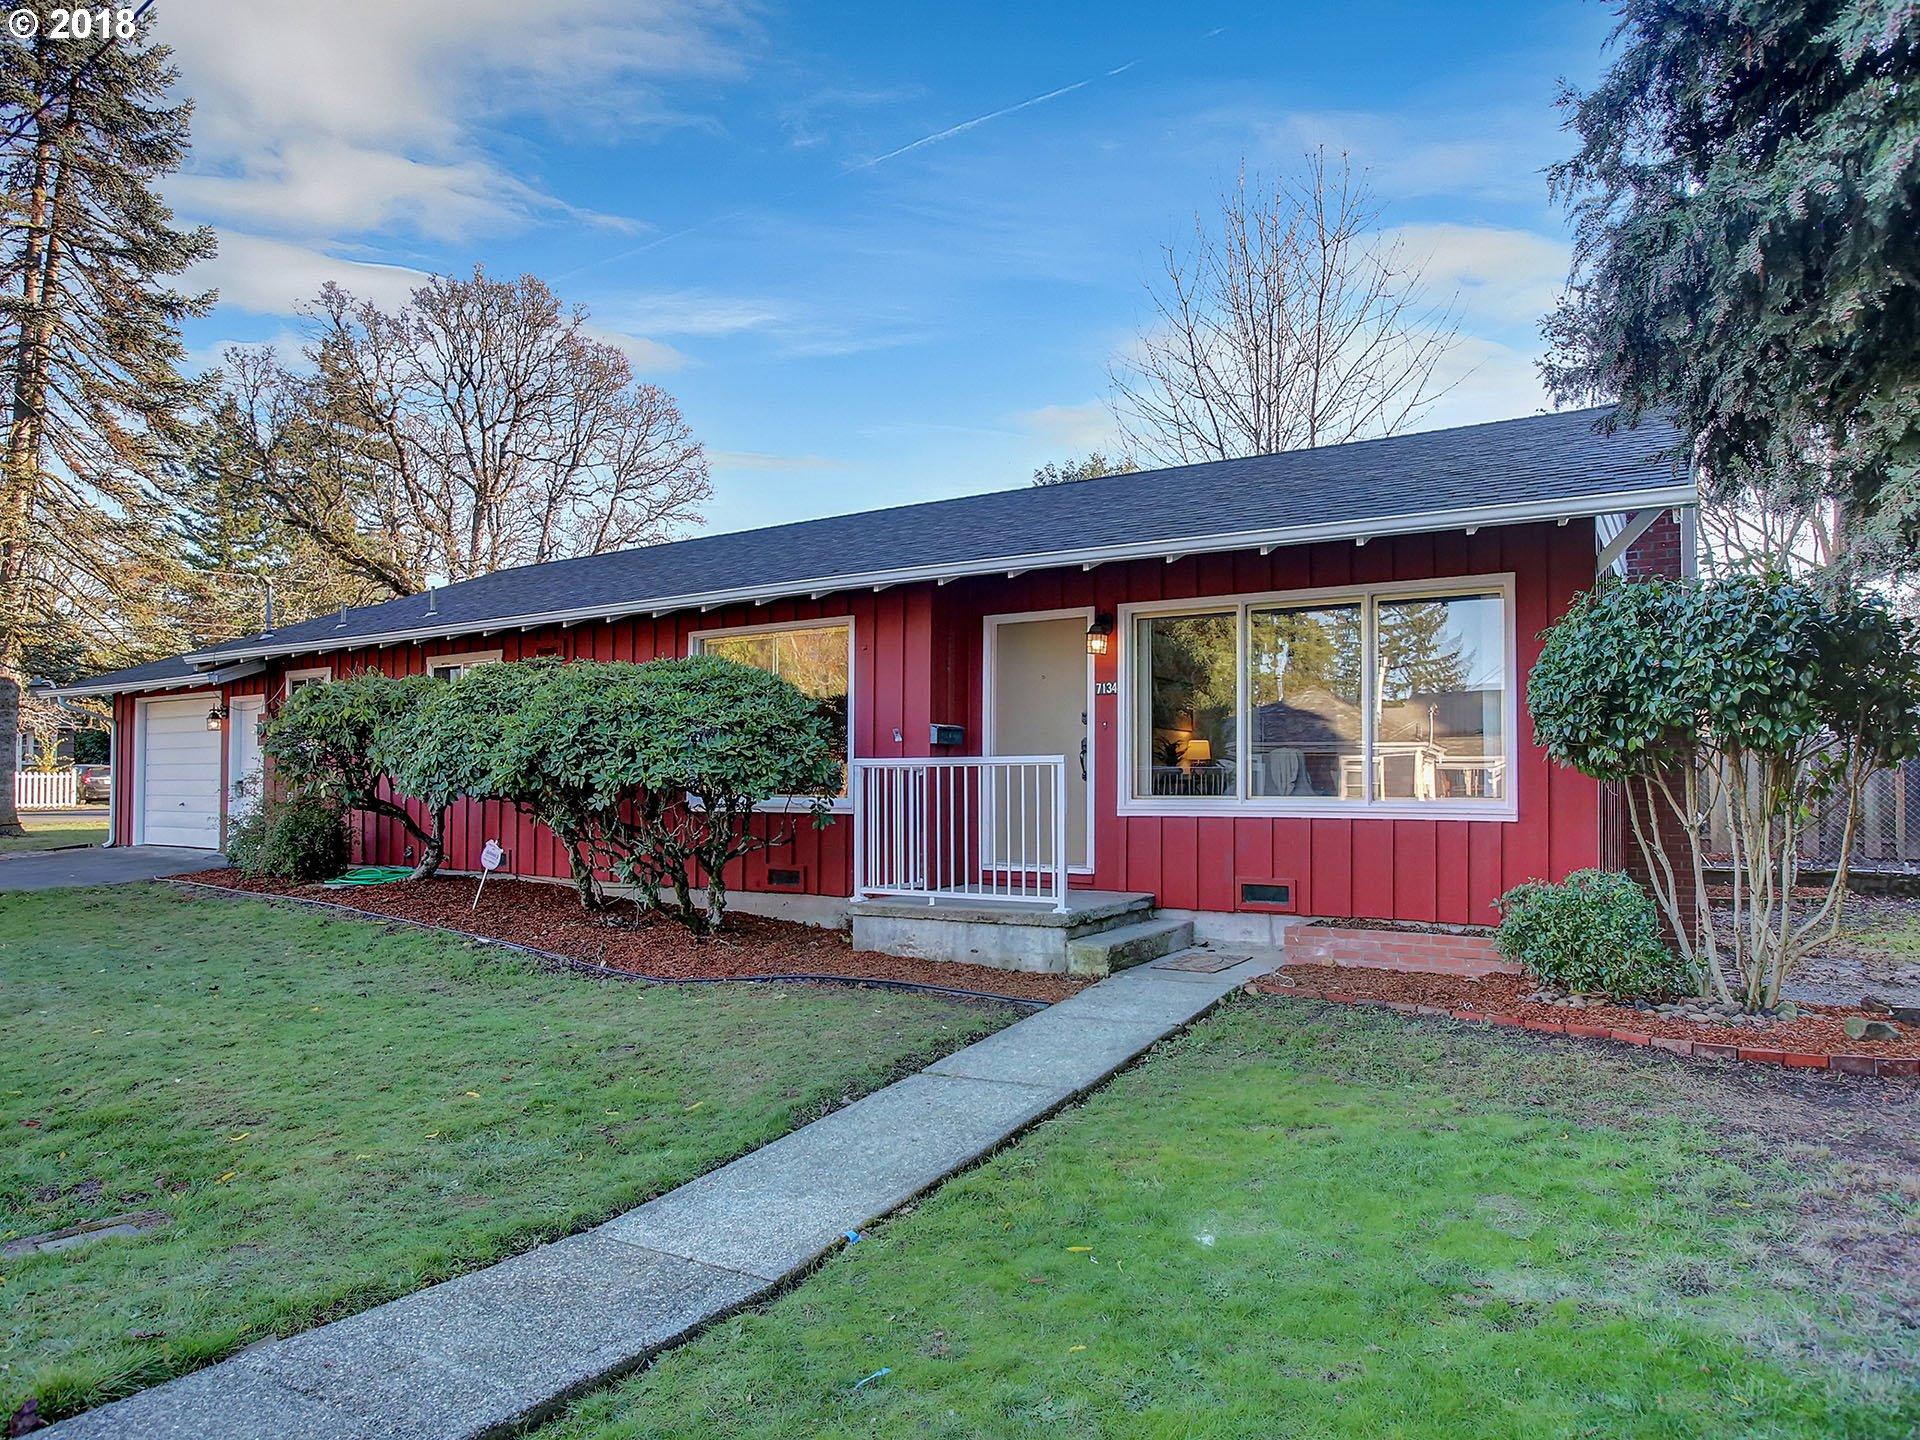 7134 NE GOING ST Portland, OR 97218 - MLS #: 18018992